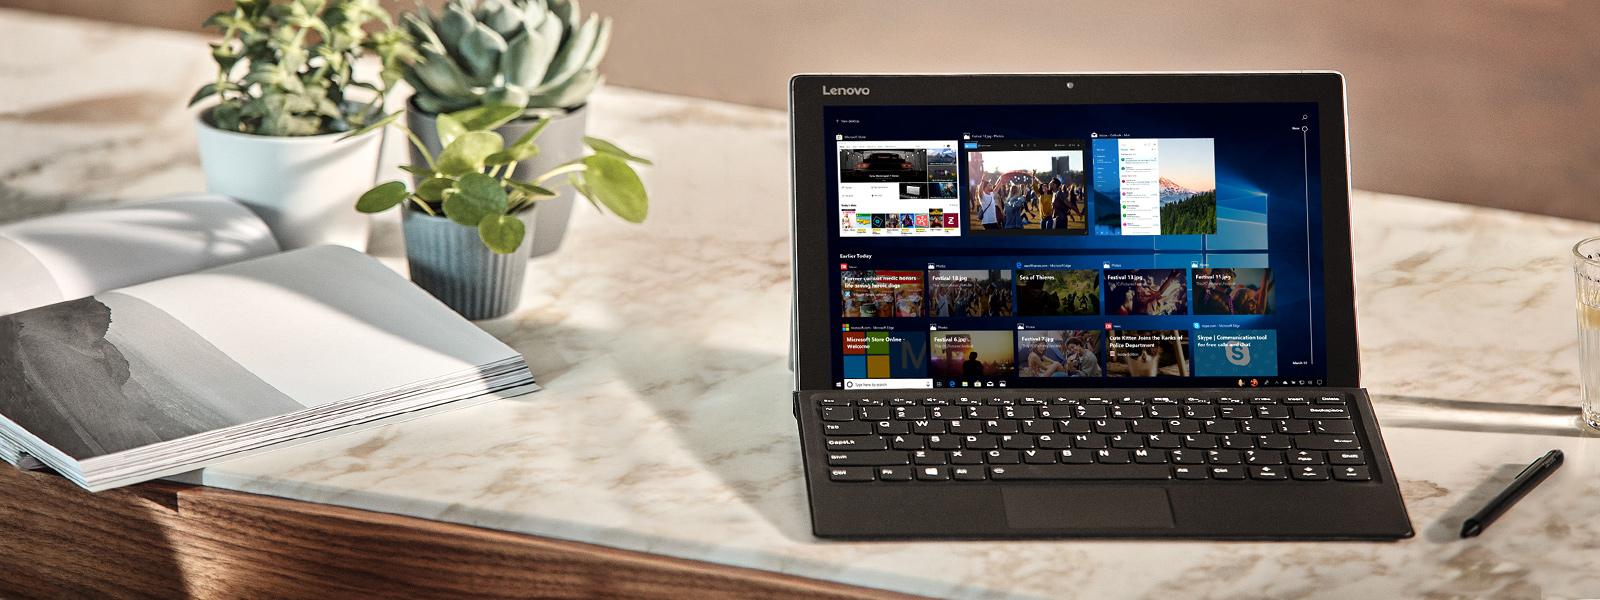 Pantalla de un equipo que muestra la característica de la Actualización de abril de 2018 de Windows 10